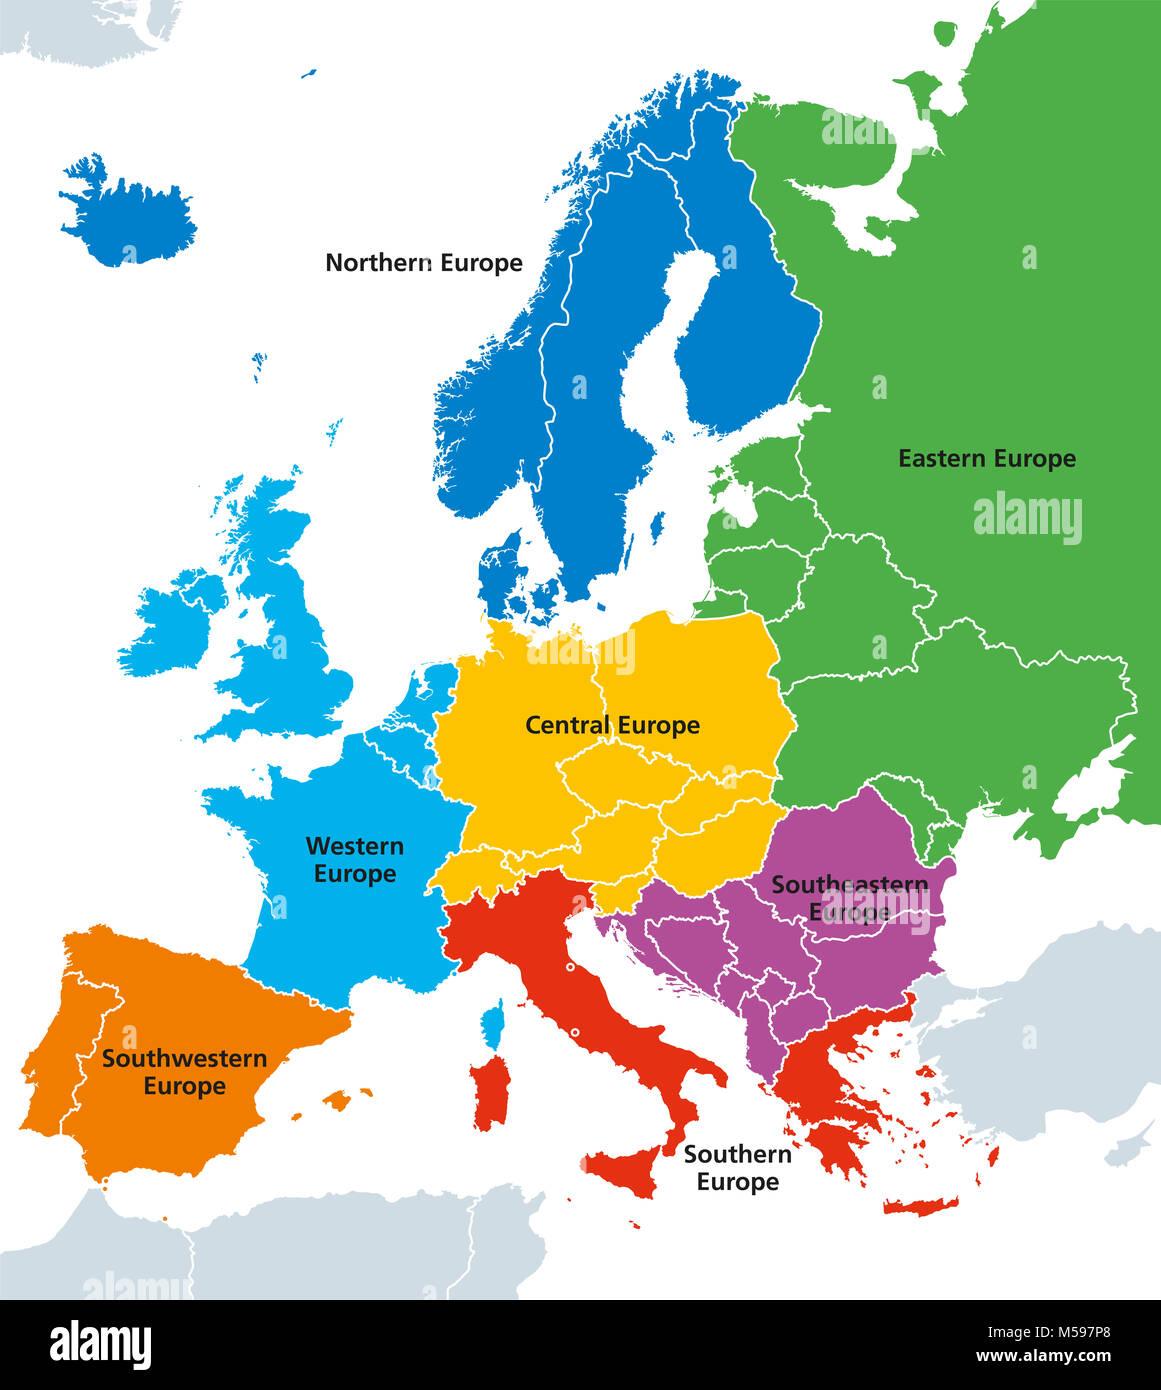 Europa Centrale Cartina Politica.Europa Regioni Mappa Politico Con I Singoli Paesi